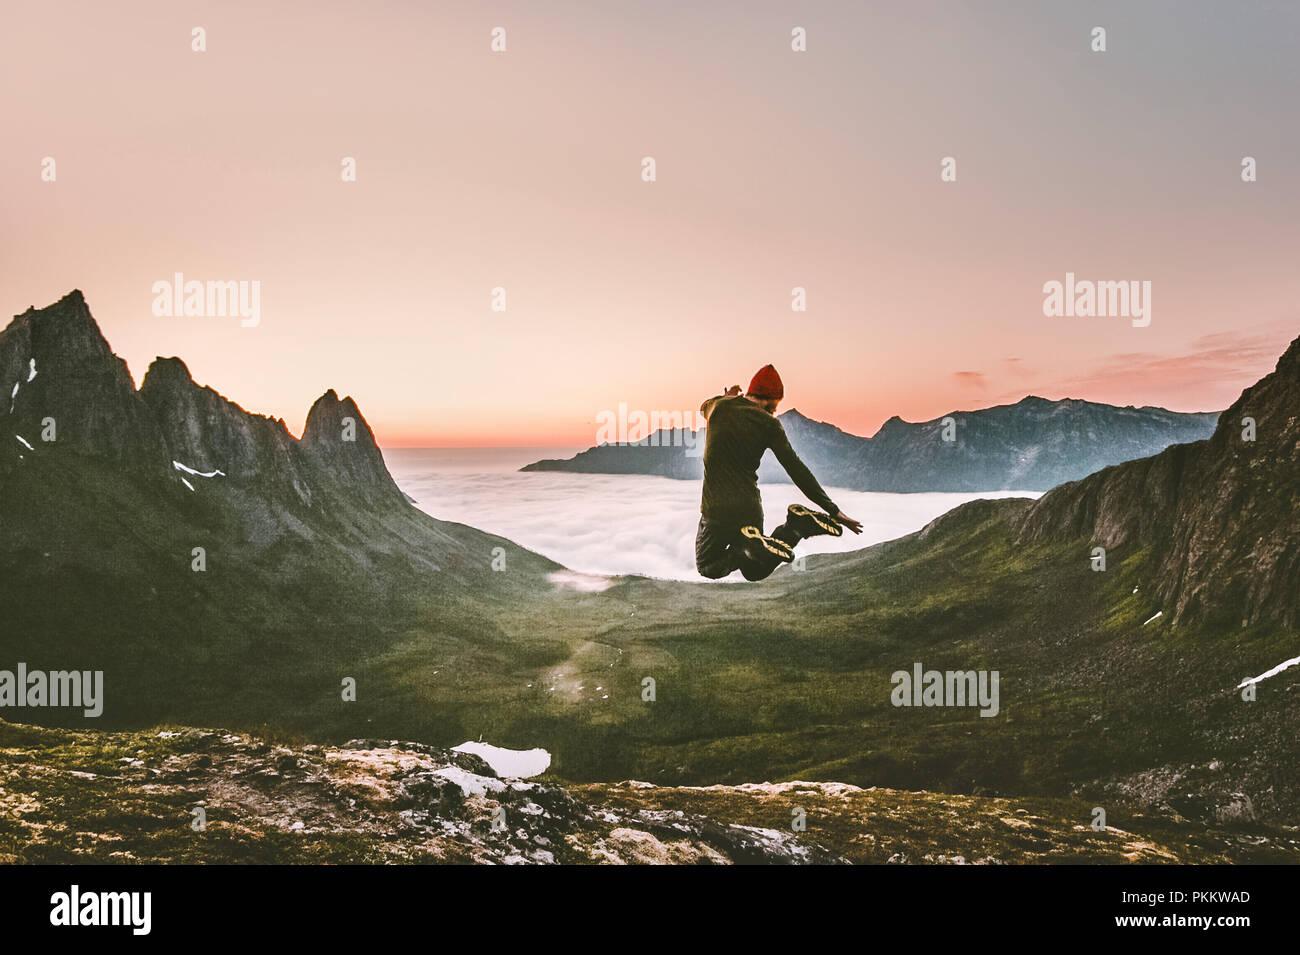 Glückliche Menschen springen outdoor Reisen Lifestyle Abenteuer Konzept aktive Ferien in Norwegen Sonnenuntergang in den Bergen Erfolg und Spaß Euphorie Emotionen Stockbild